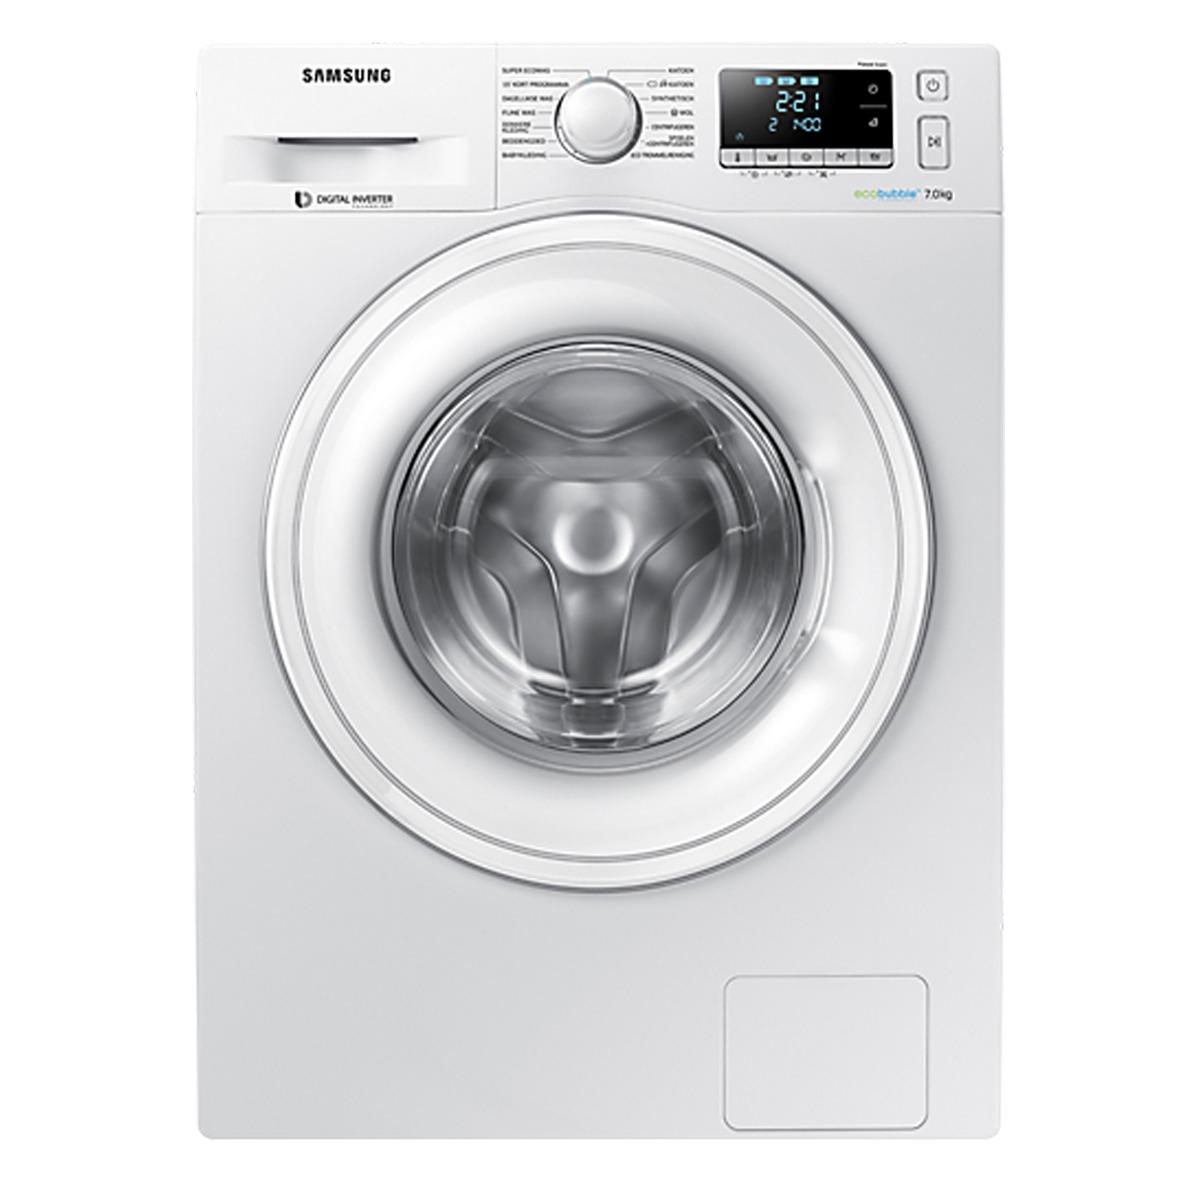 Samsung WW70J5426DW wasmachine